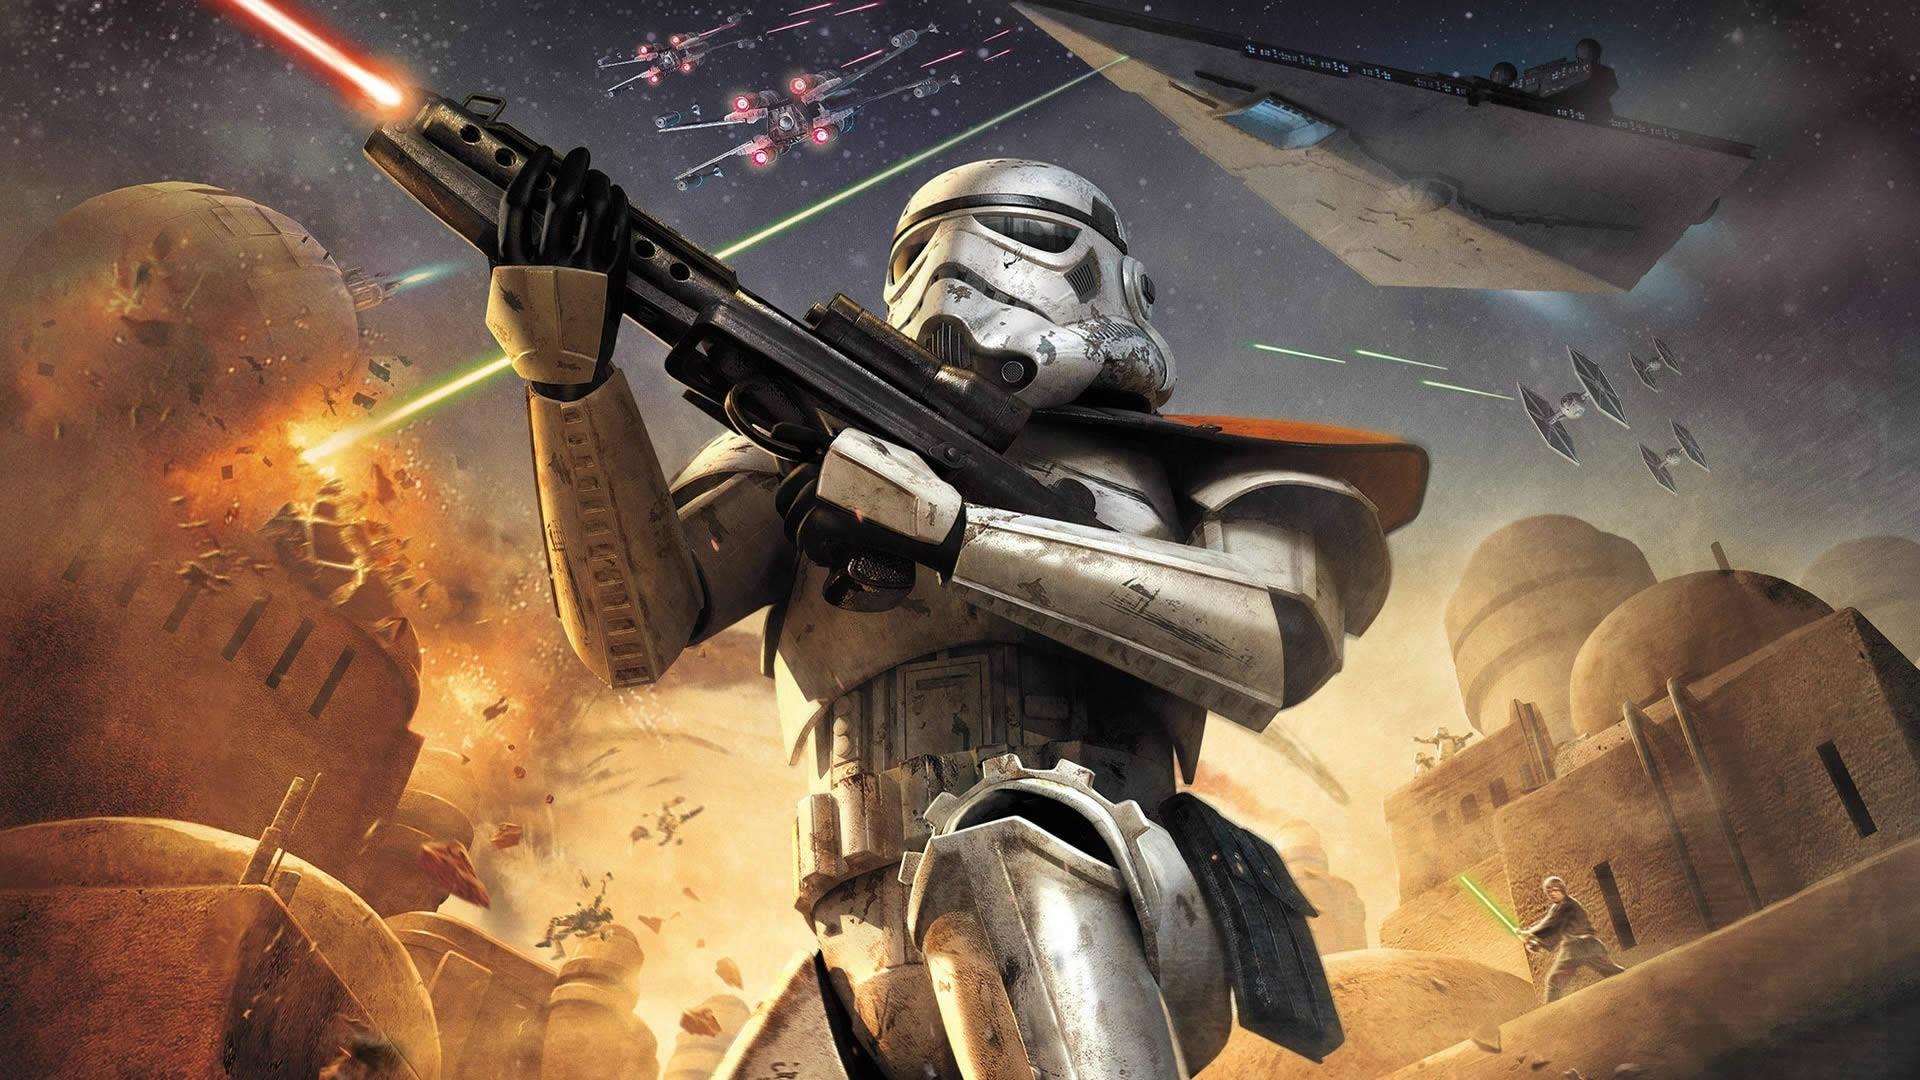 digital Art, Star Wars, Star Wars: Battlefront, Video Games, Stormtrooper  Wallpapers HD / Desktop and Mobile Backgrounds